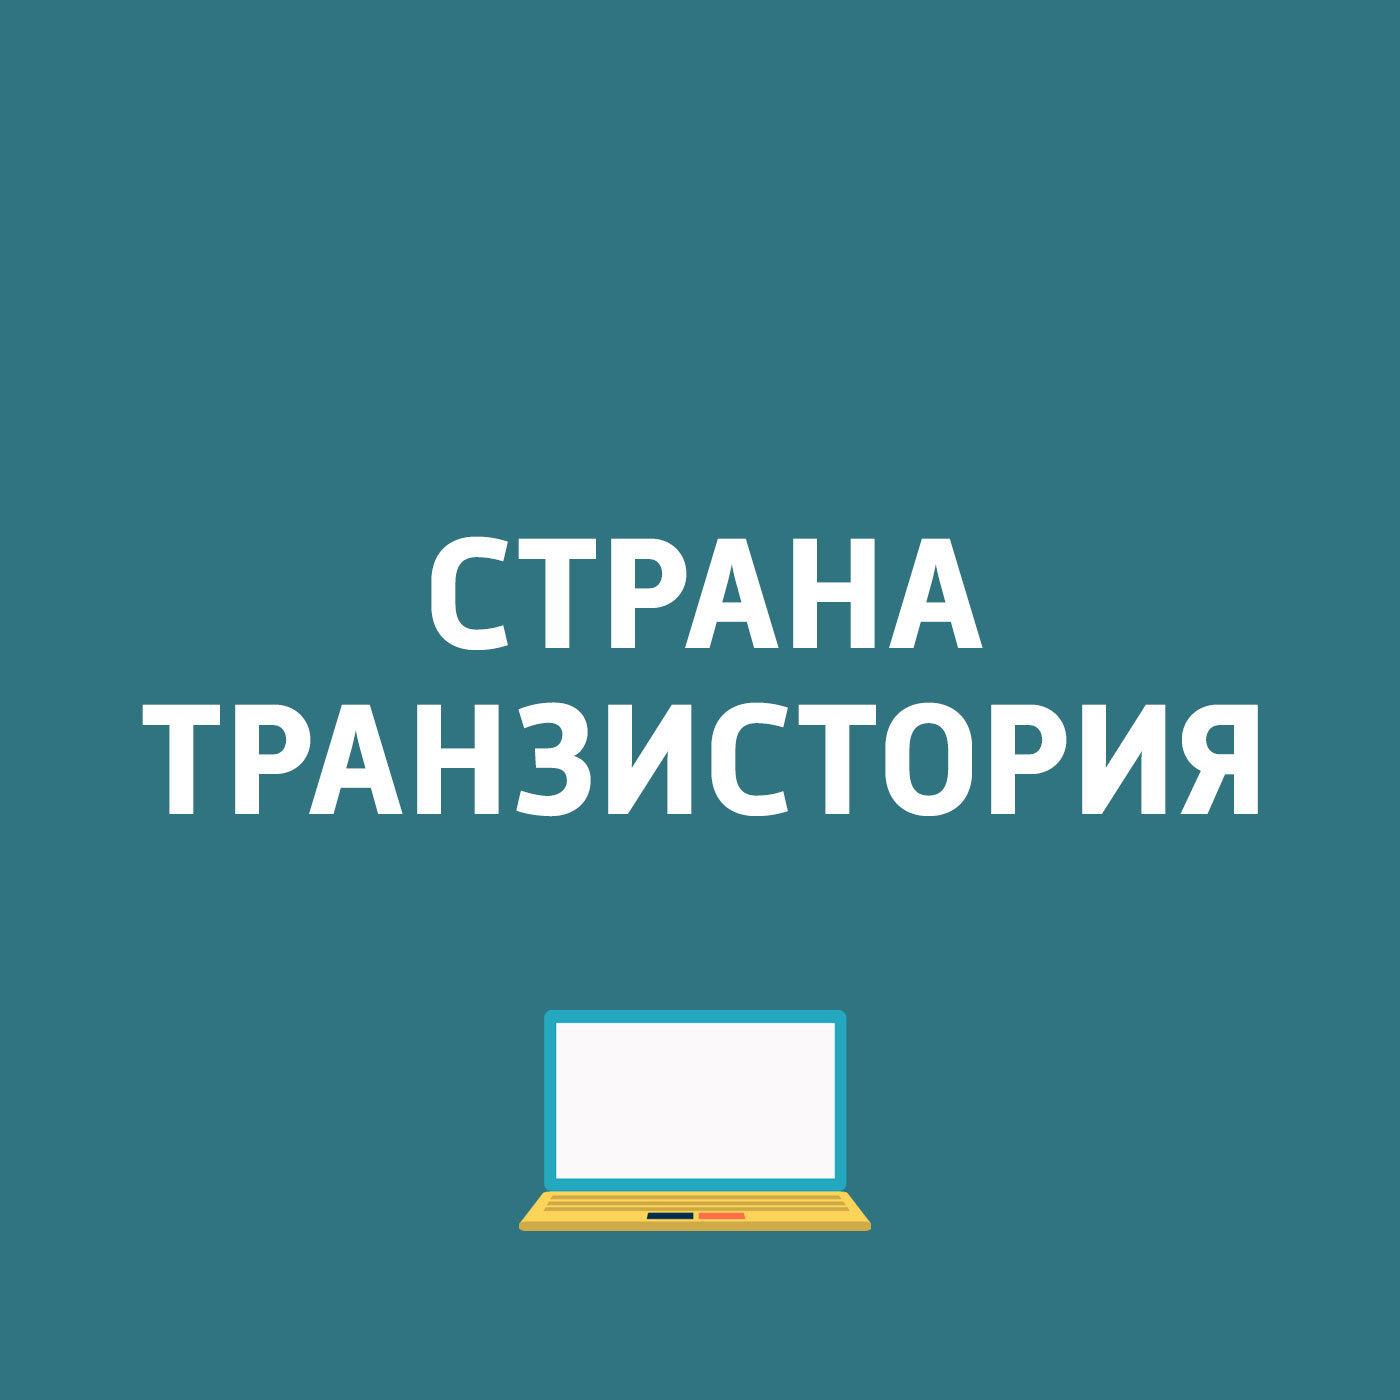 Картаев Павел Презентация смартфона Find X; YouTube Music и YouTube Premium заработали в 12 новых странах, в том числе и в России printer youtube